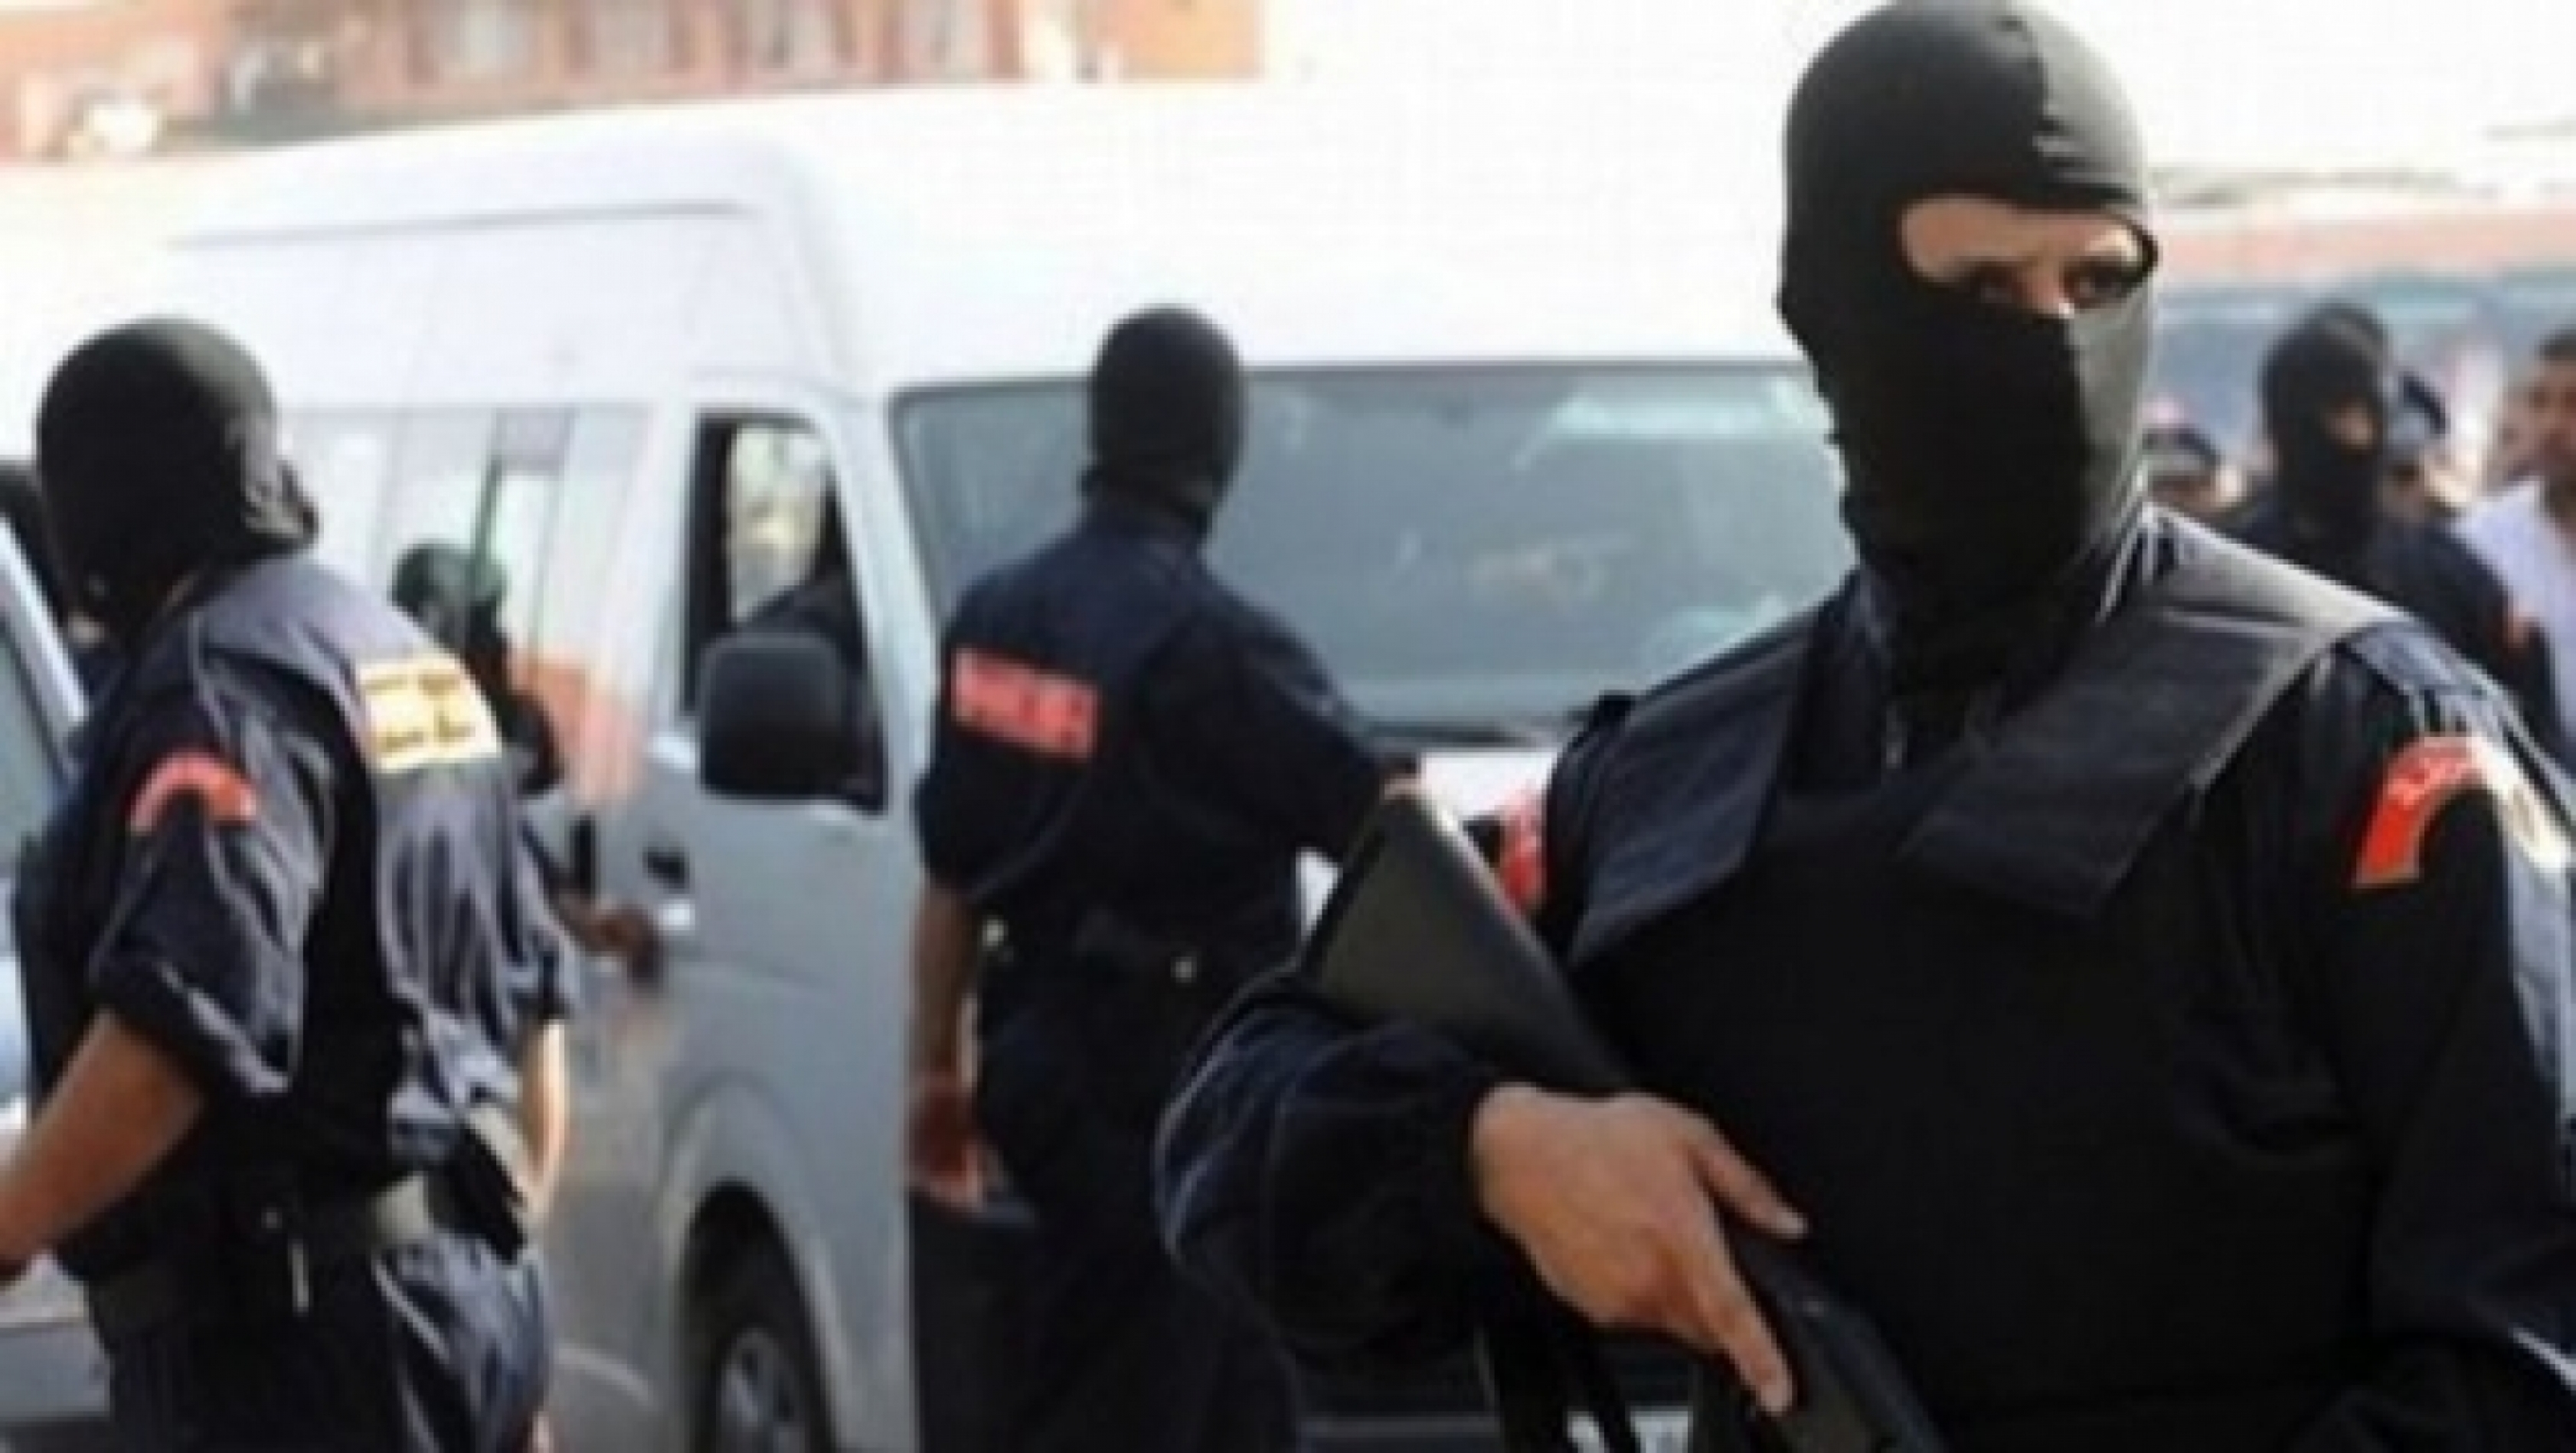 Lutte contre le terrorisme: Le Royaume-Uni applaudit le Maroc